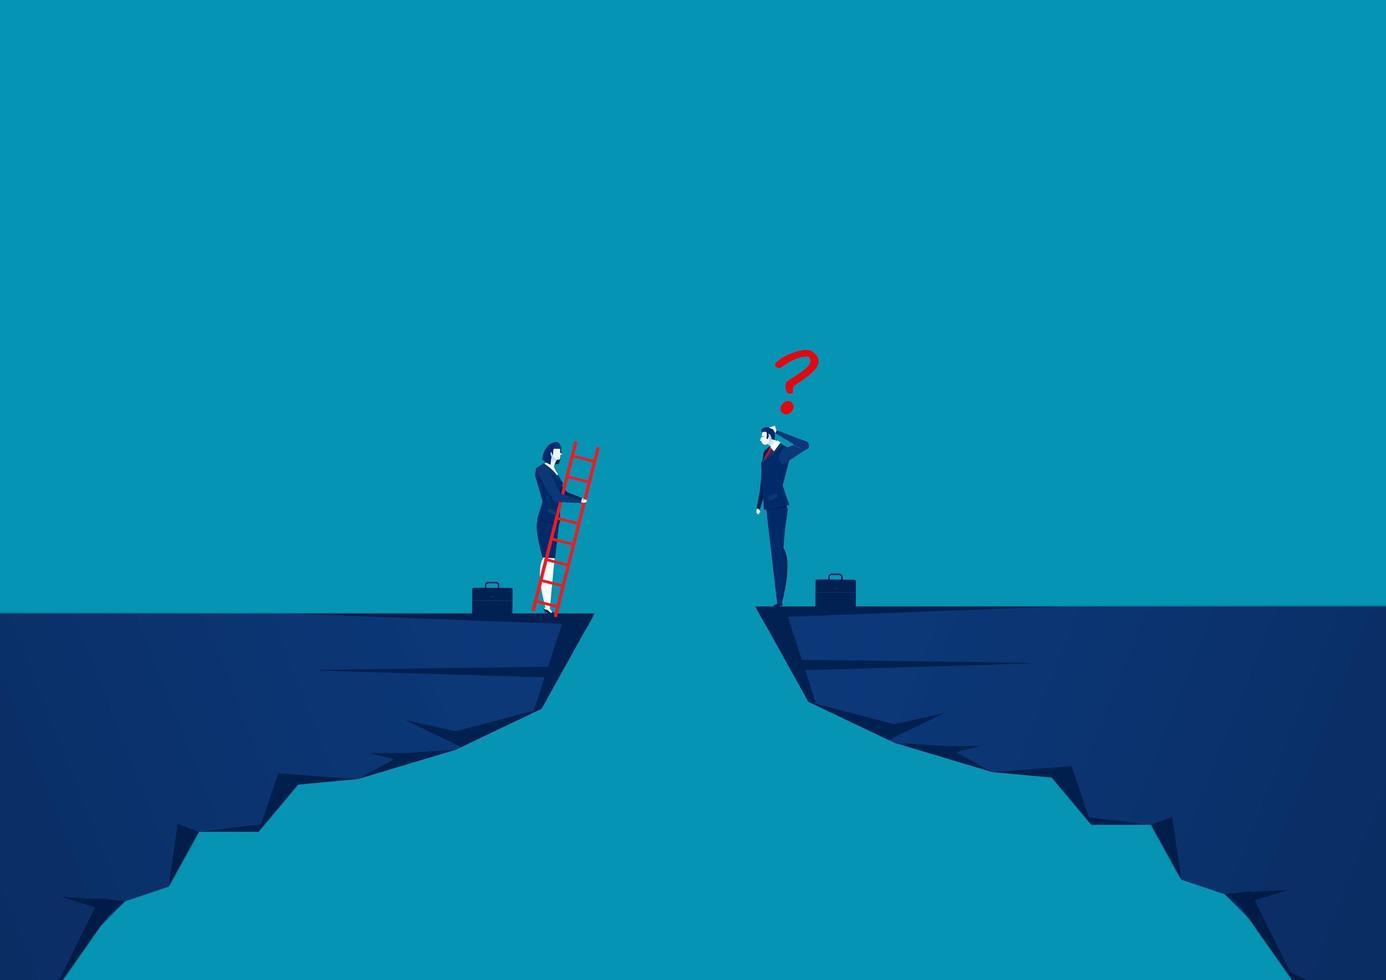 Geschäftsleute konkurrieren über die Klippe zum Ziel vektor